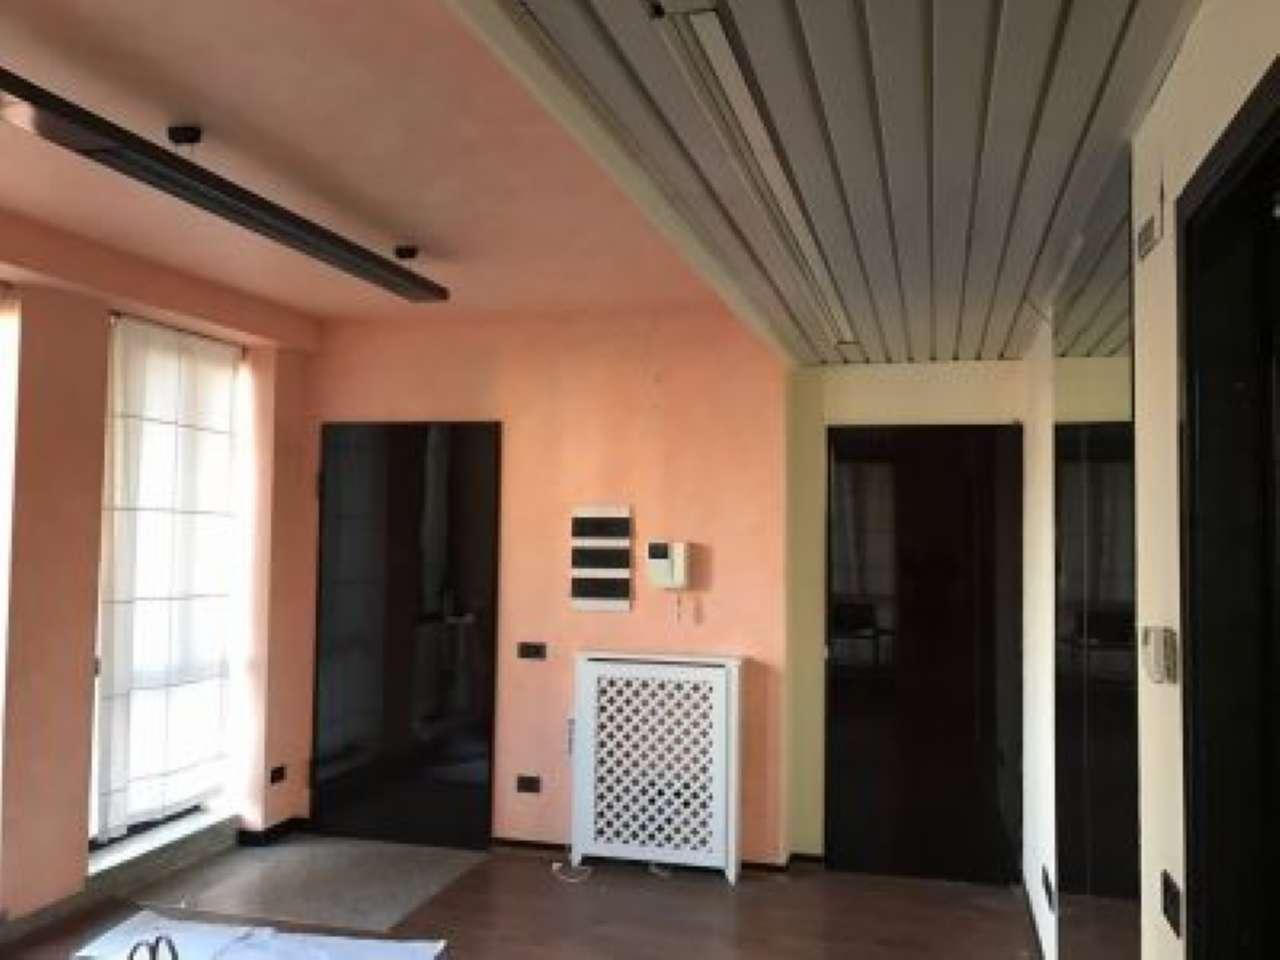 Ufficio / Studio in affitto a Bra, 4 locali, prezzo € 450 | CambioCasa.it